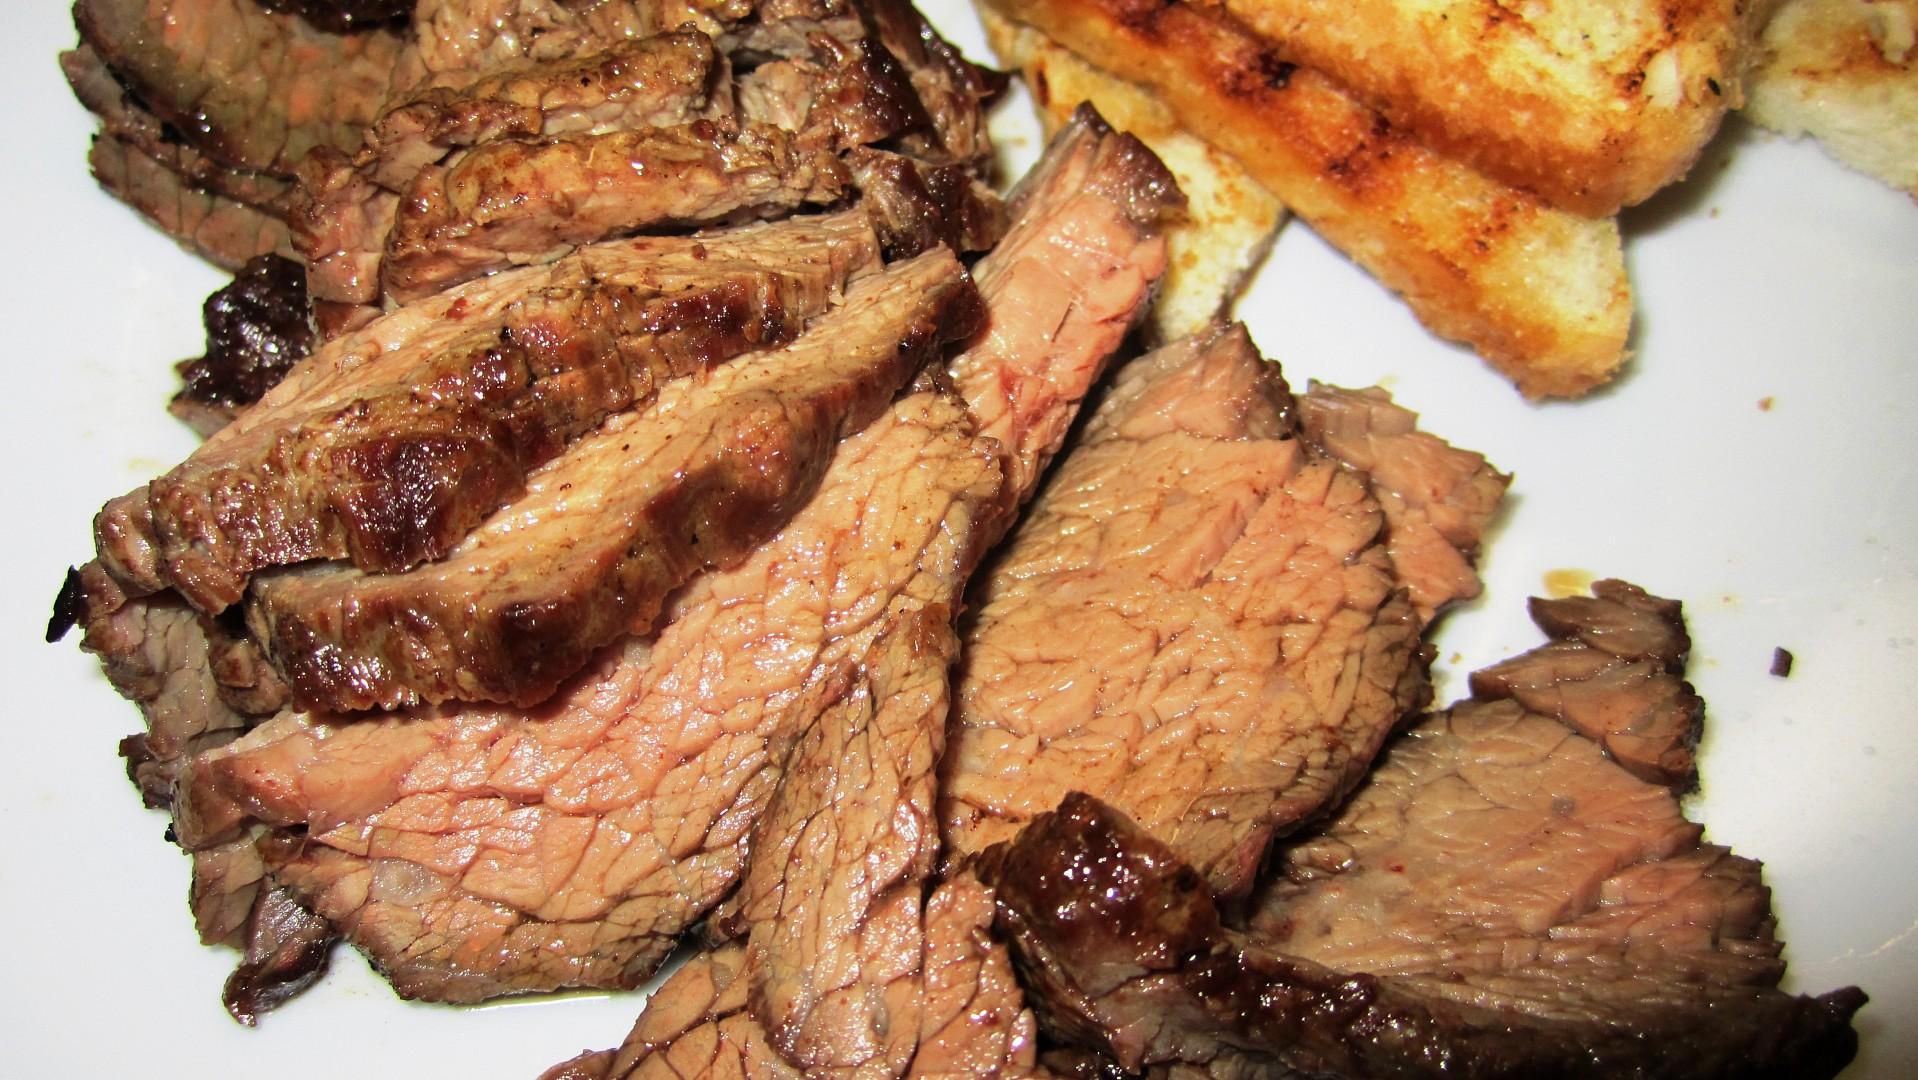 Steak z hovězího pupku – flank steak